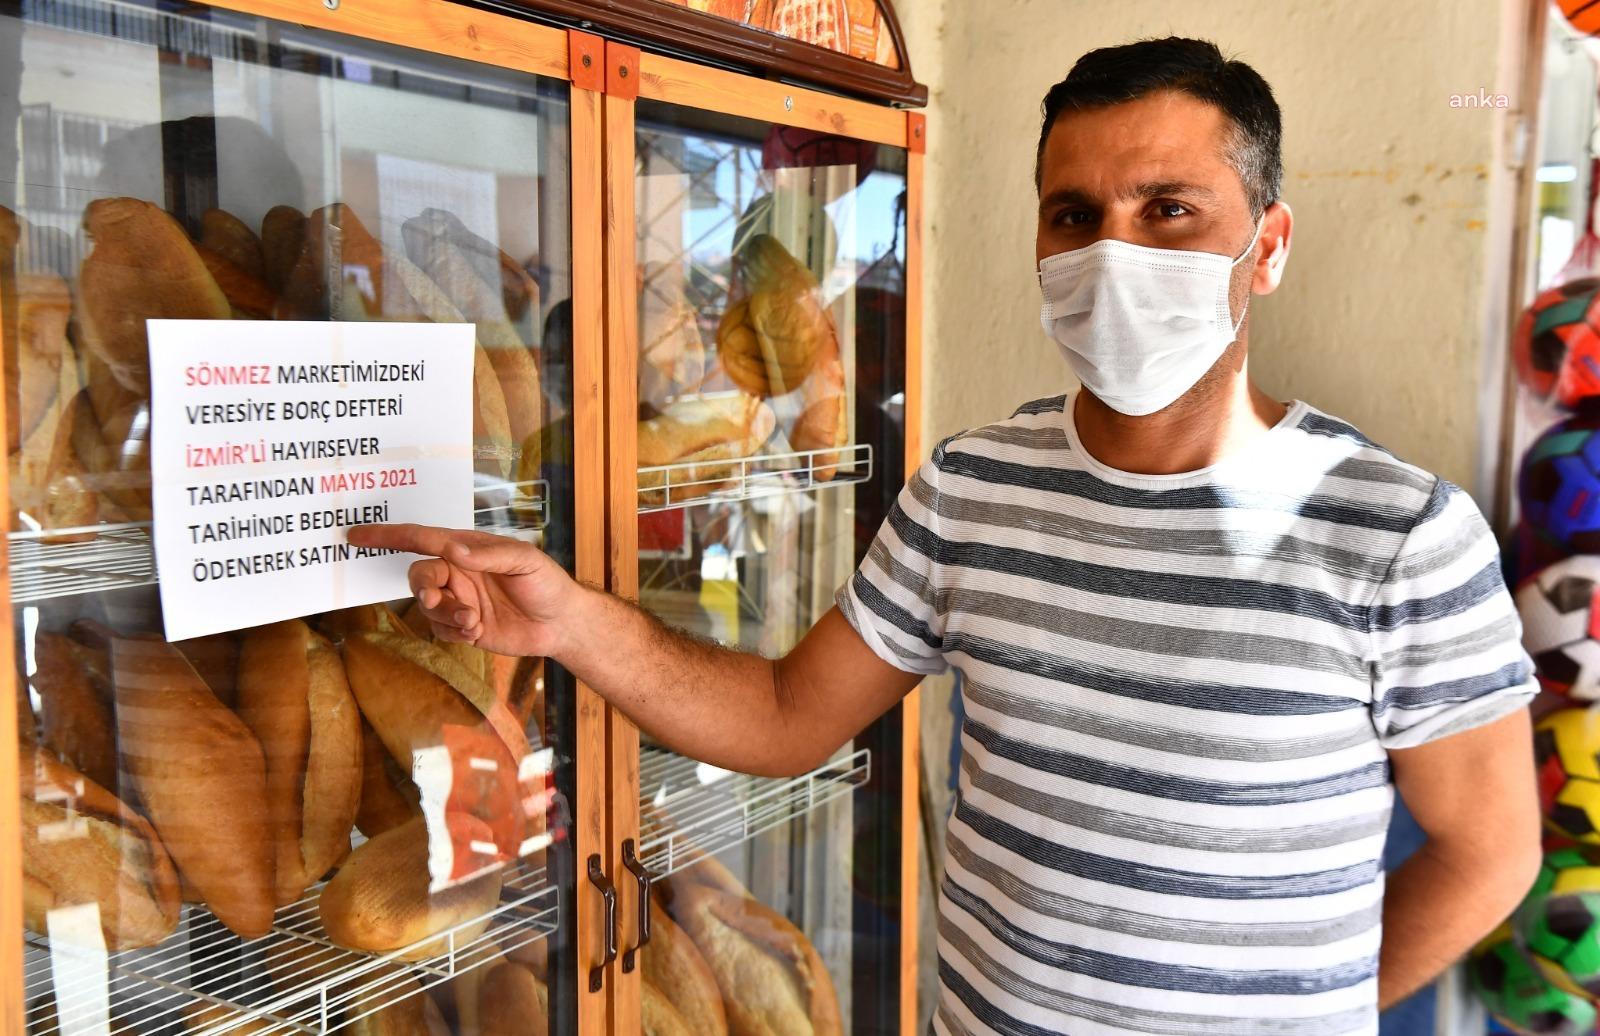 İzmir'de veresiye defterlerinden 1 milyon 300 bin liralık borç silindi